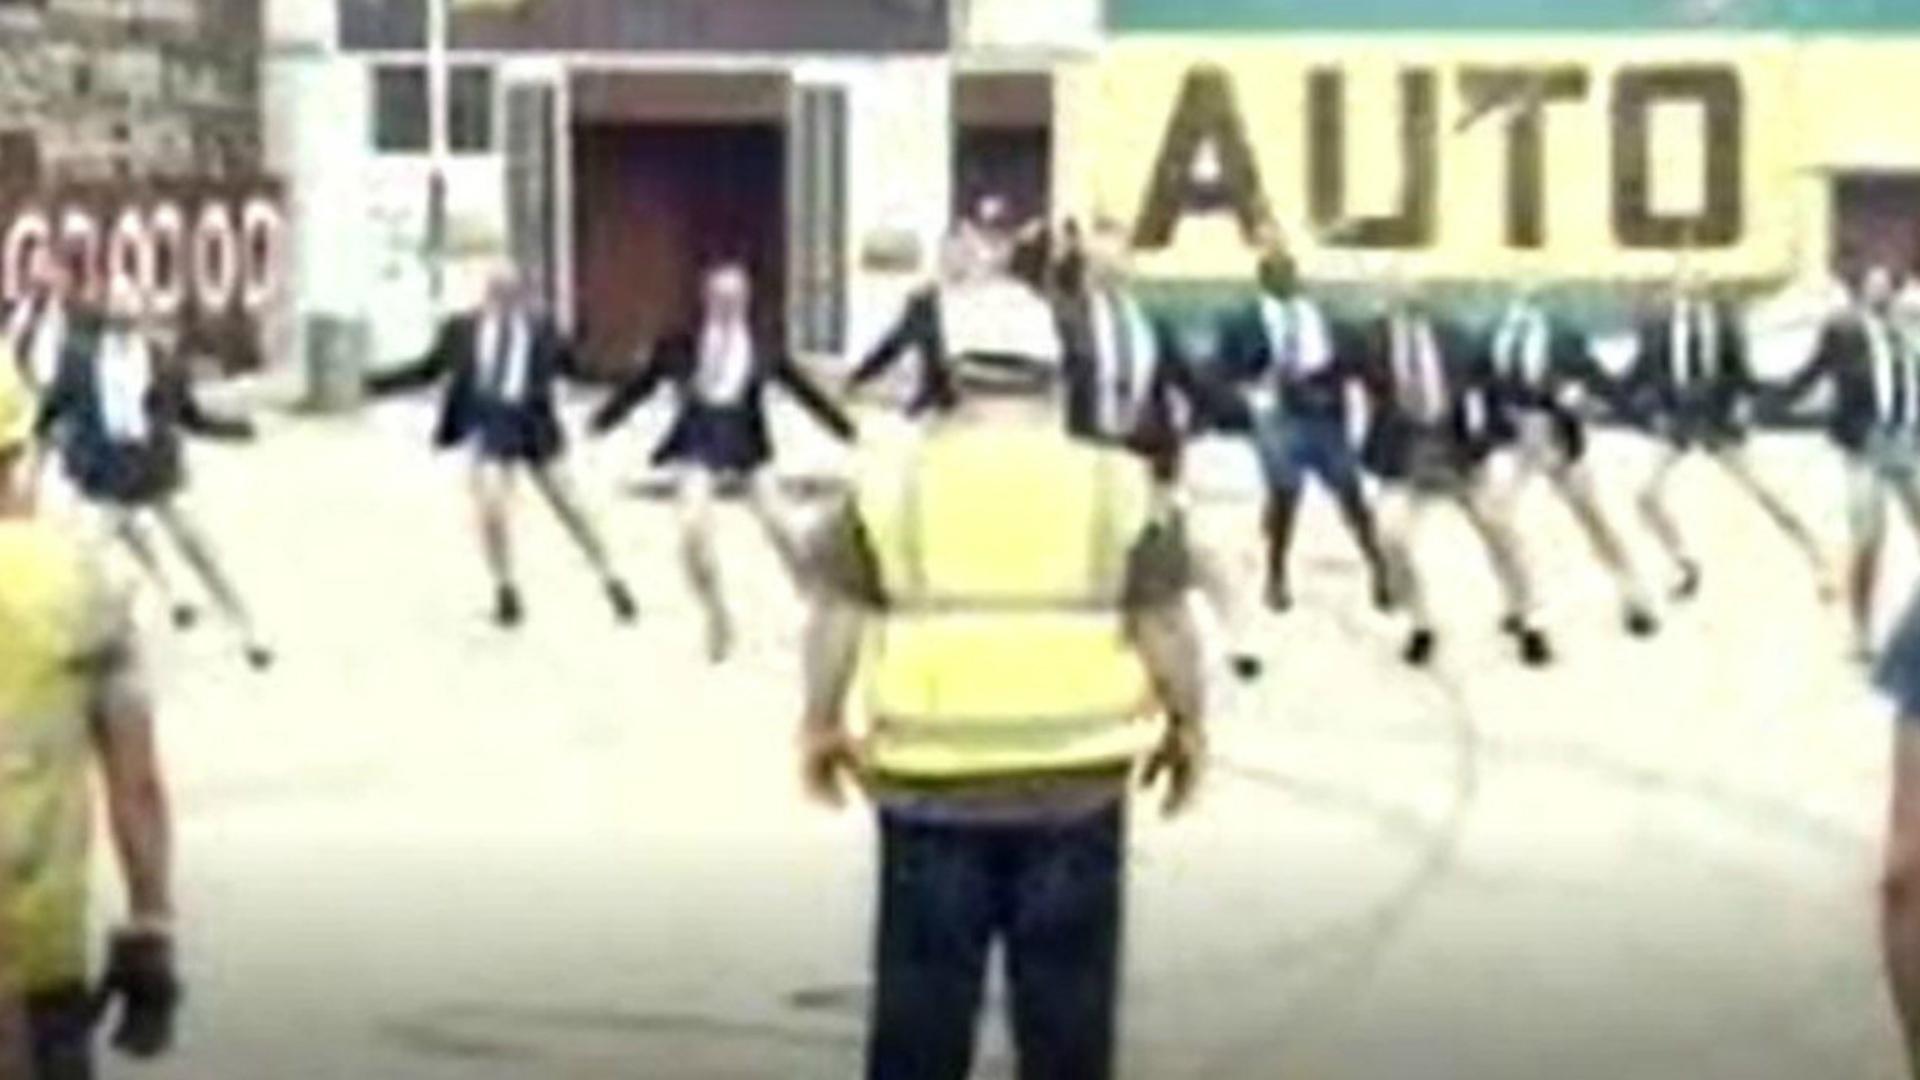 Moneysupermarket.com's 'dance-off' advert (Advertising Standards Authority)